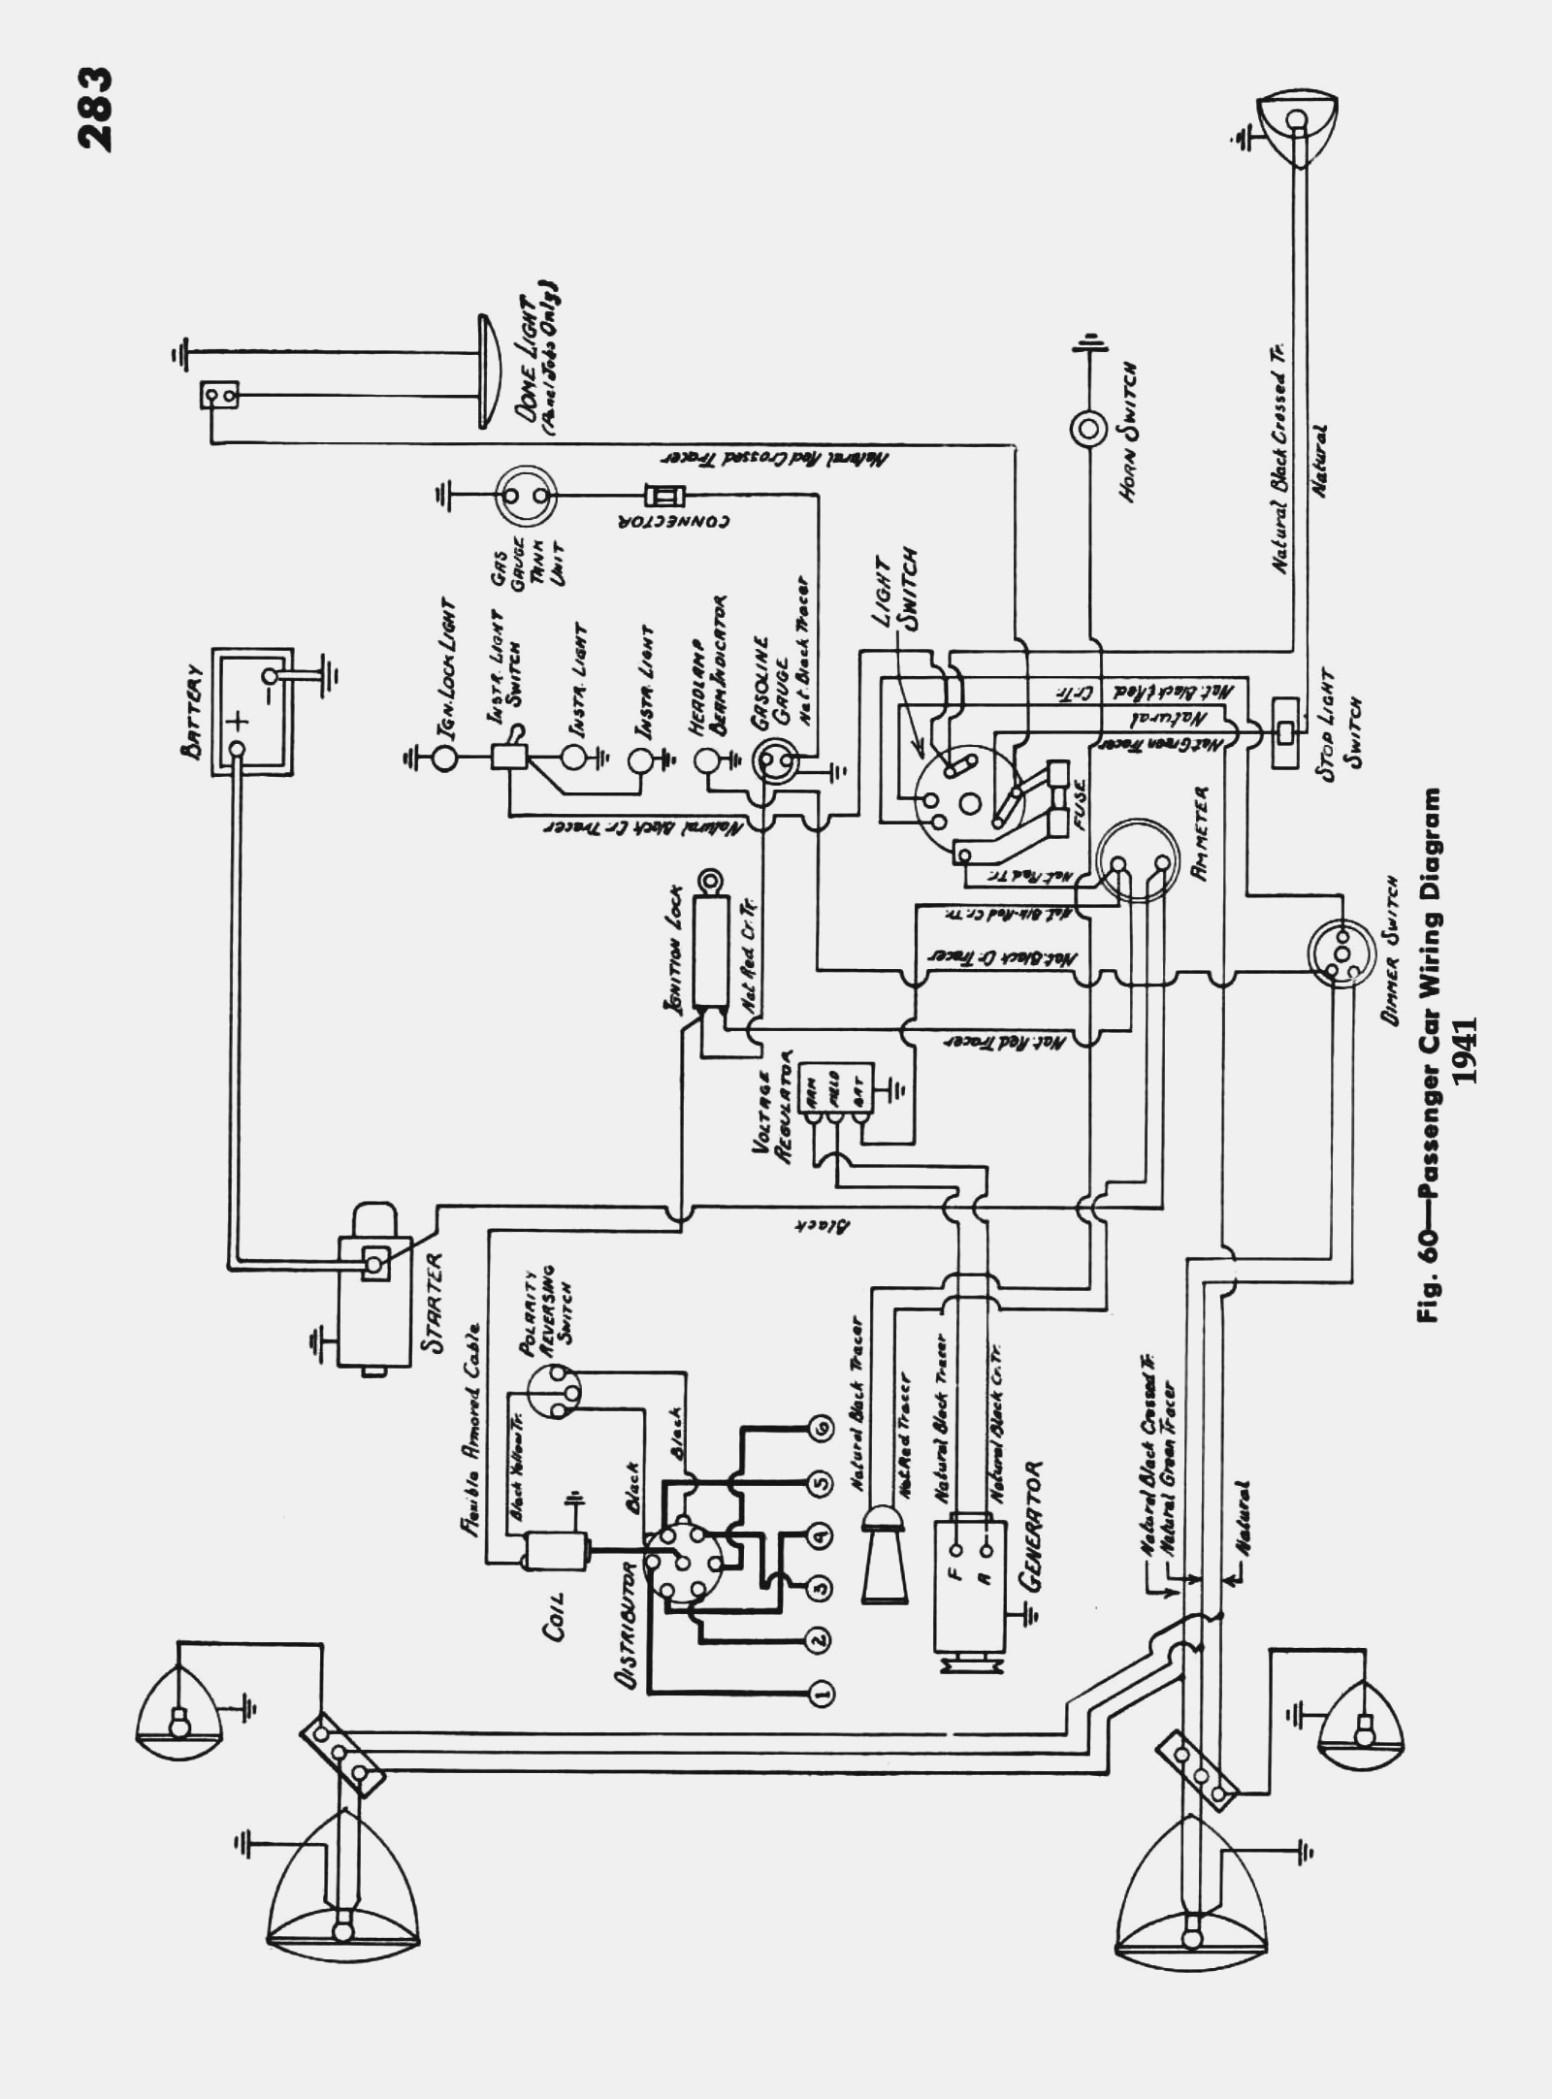 International Truck Dpf Wiring Diagram | Wiring Diagram - International Truck Wiring Diagram Manual